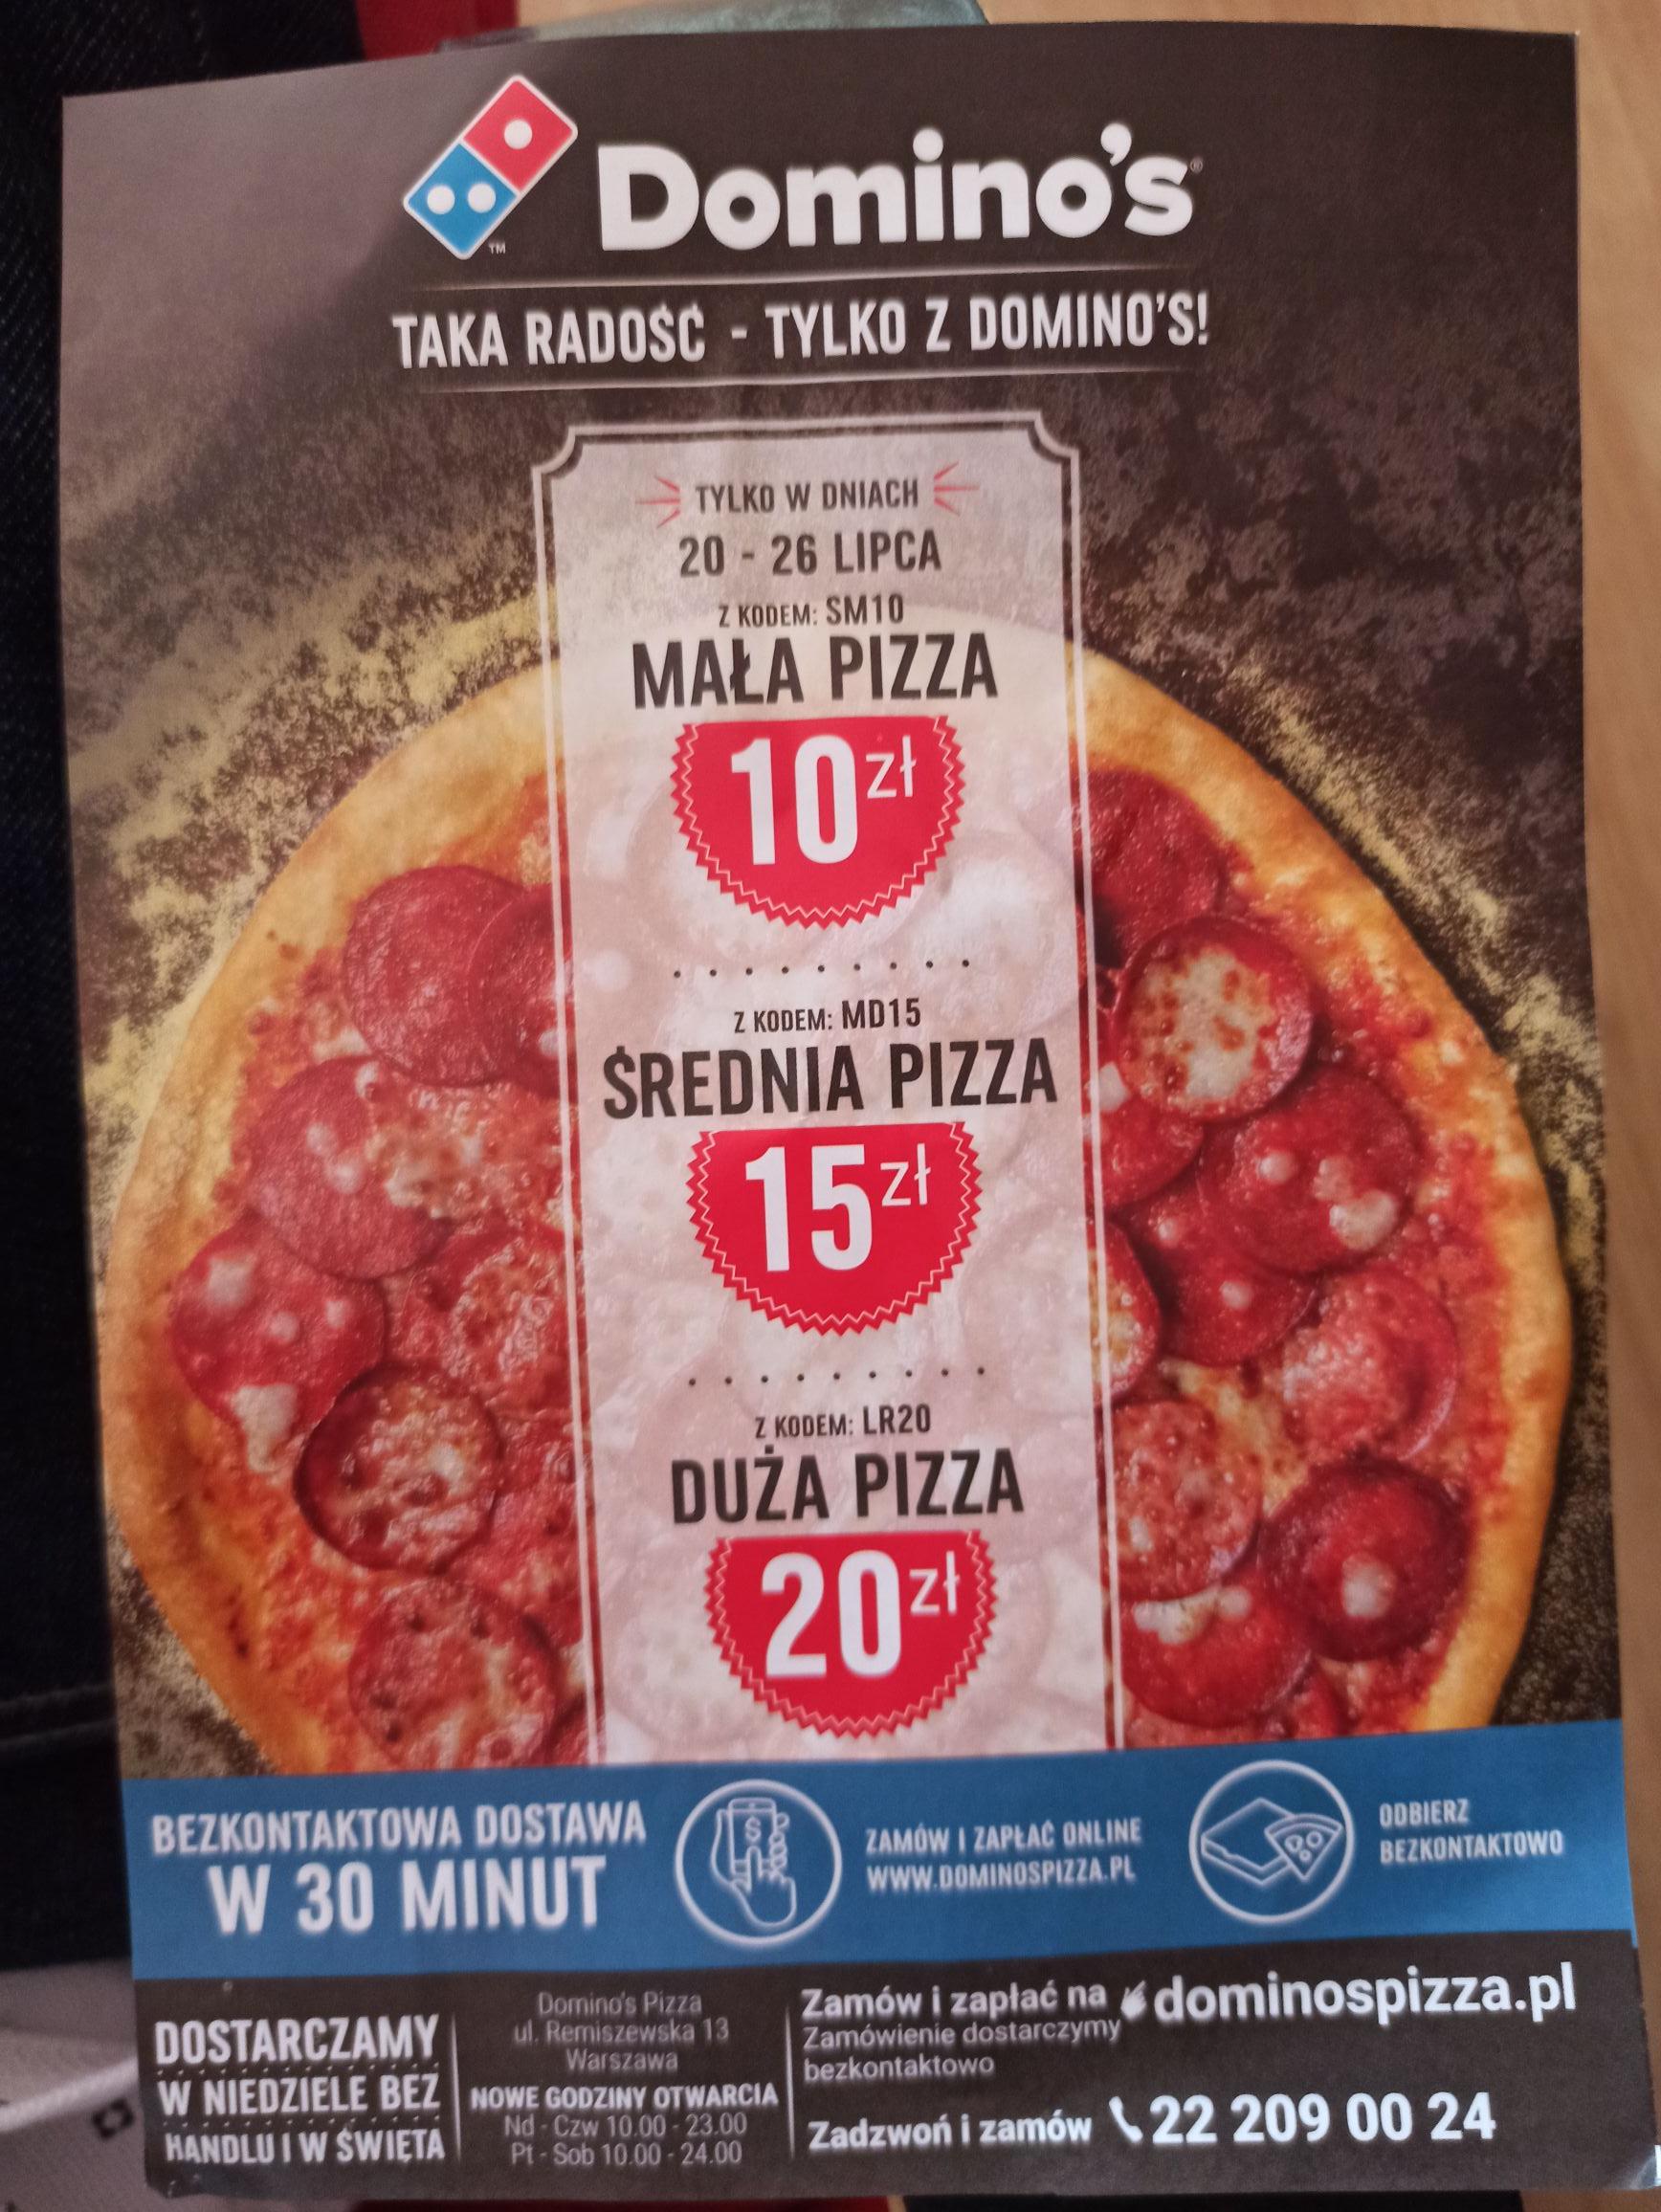 Wszystkie duże pizze 20zł, średnie 15zł, małe 10 zł Warszawa-Targówek